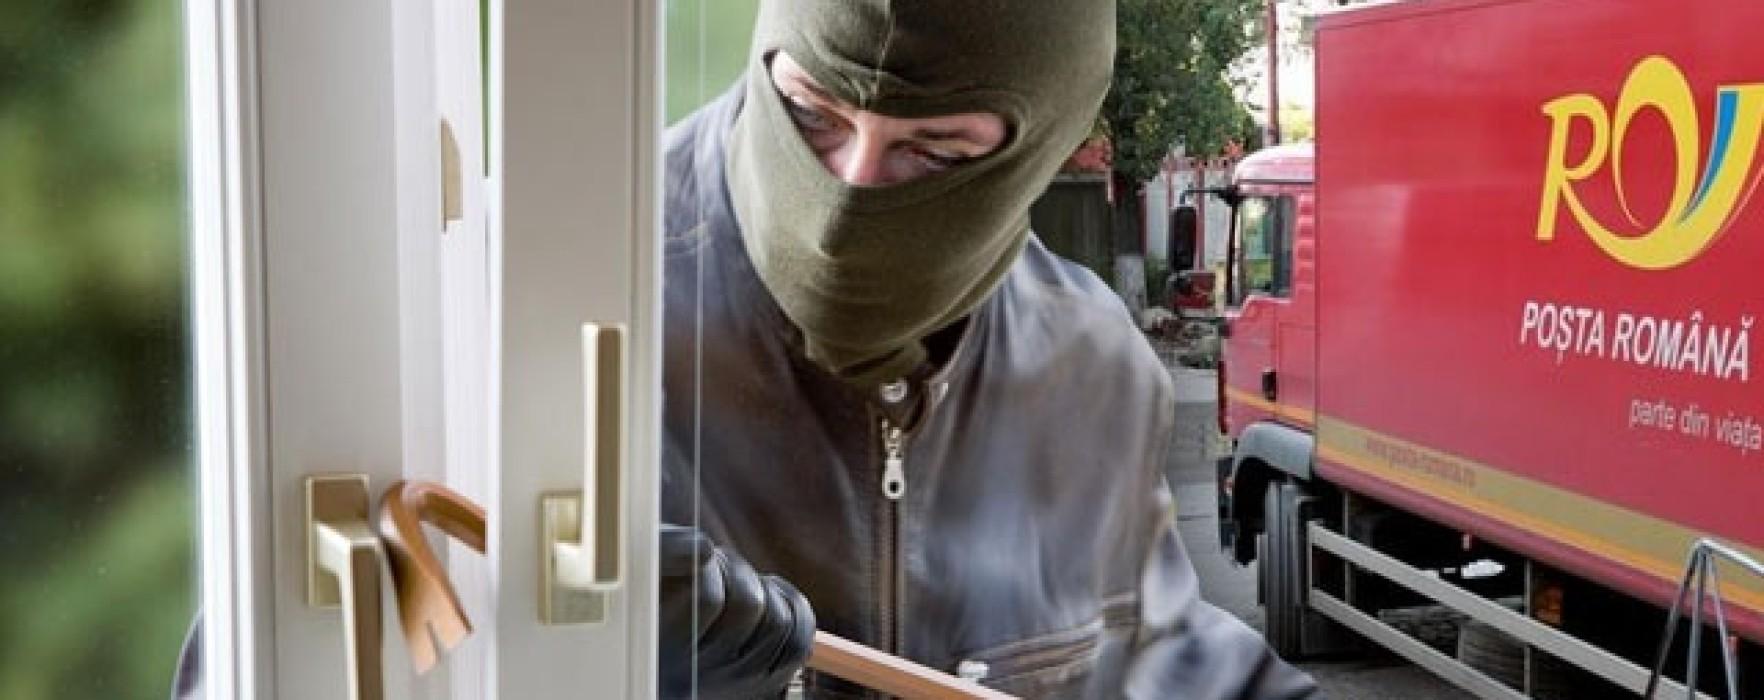 Oficiul poştal Teţcoiu a fost spart, poliţiştii caută făptaşii